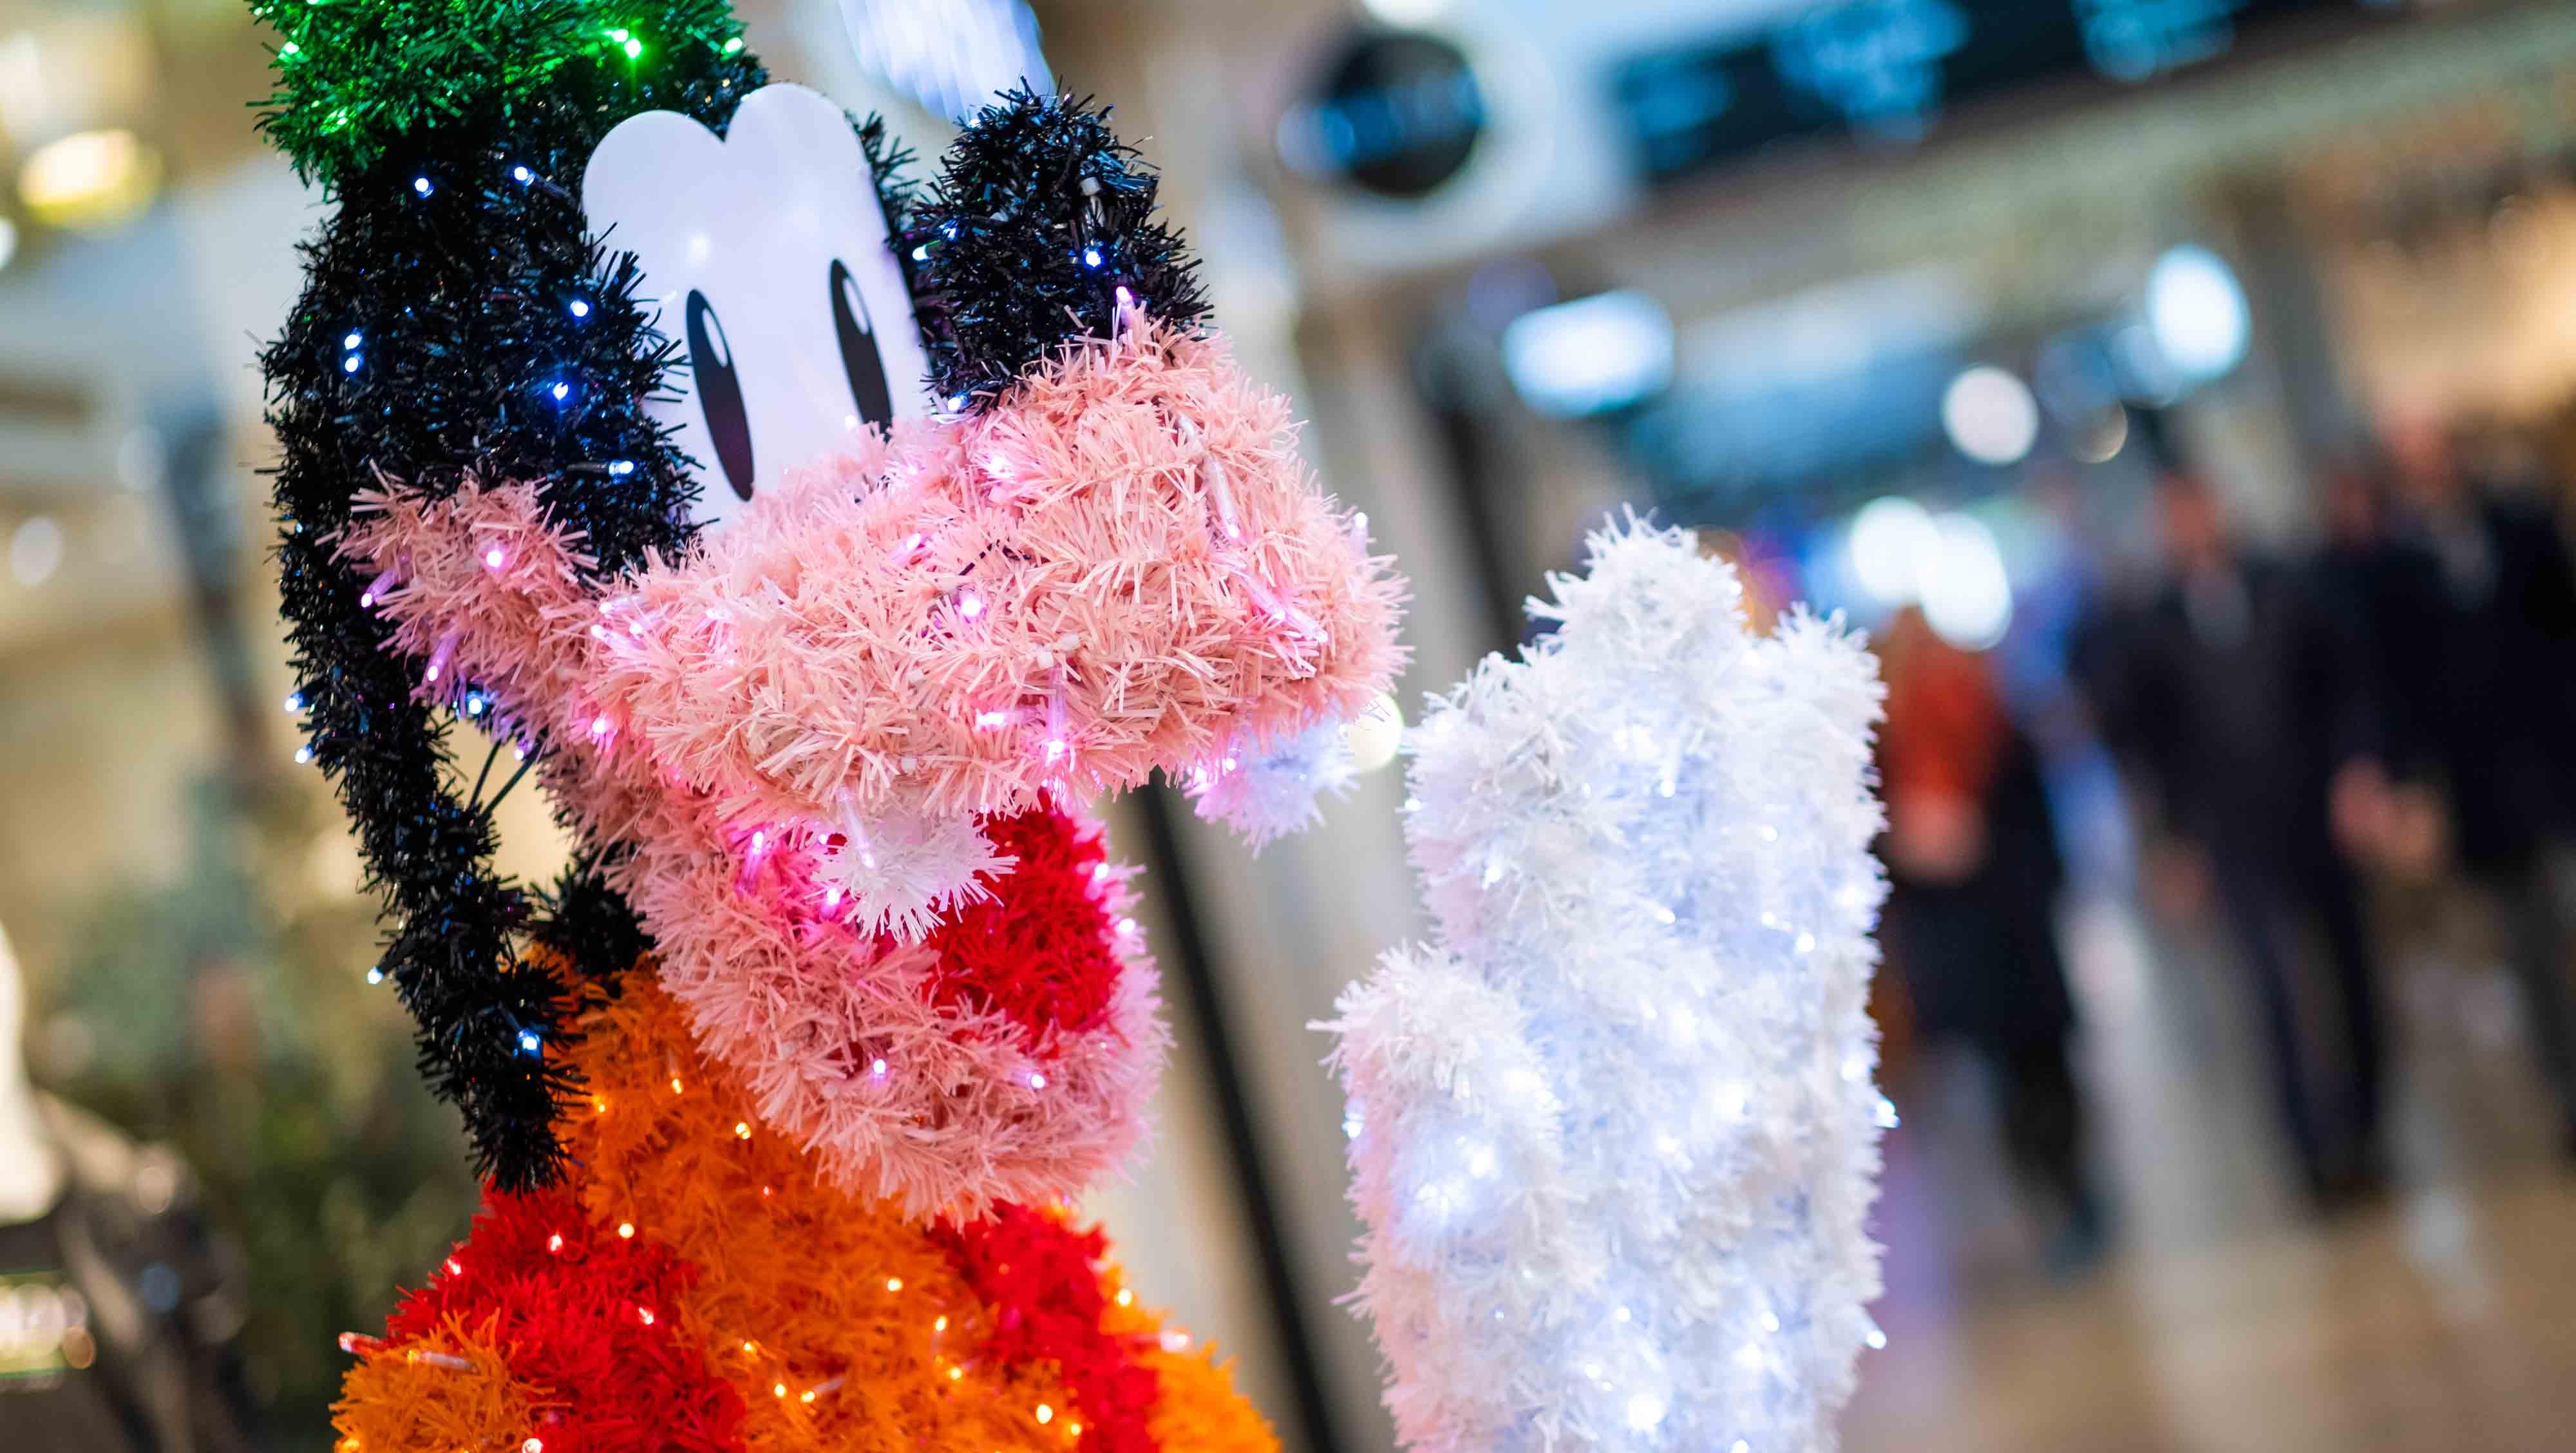 Amstlvn Twinkelt brengt Mickey & Mini naar Stadshart Amstelveen